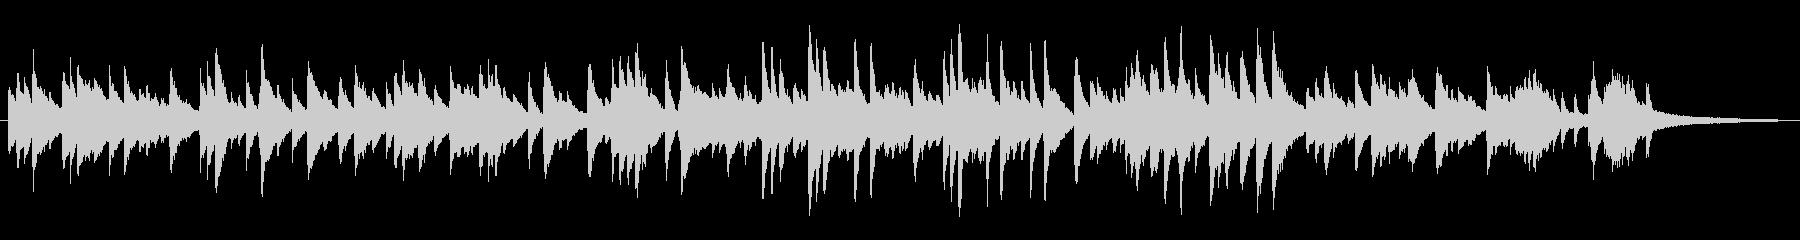 ソフトなジャズラウンジ風ピアノソロの未再生の波形